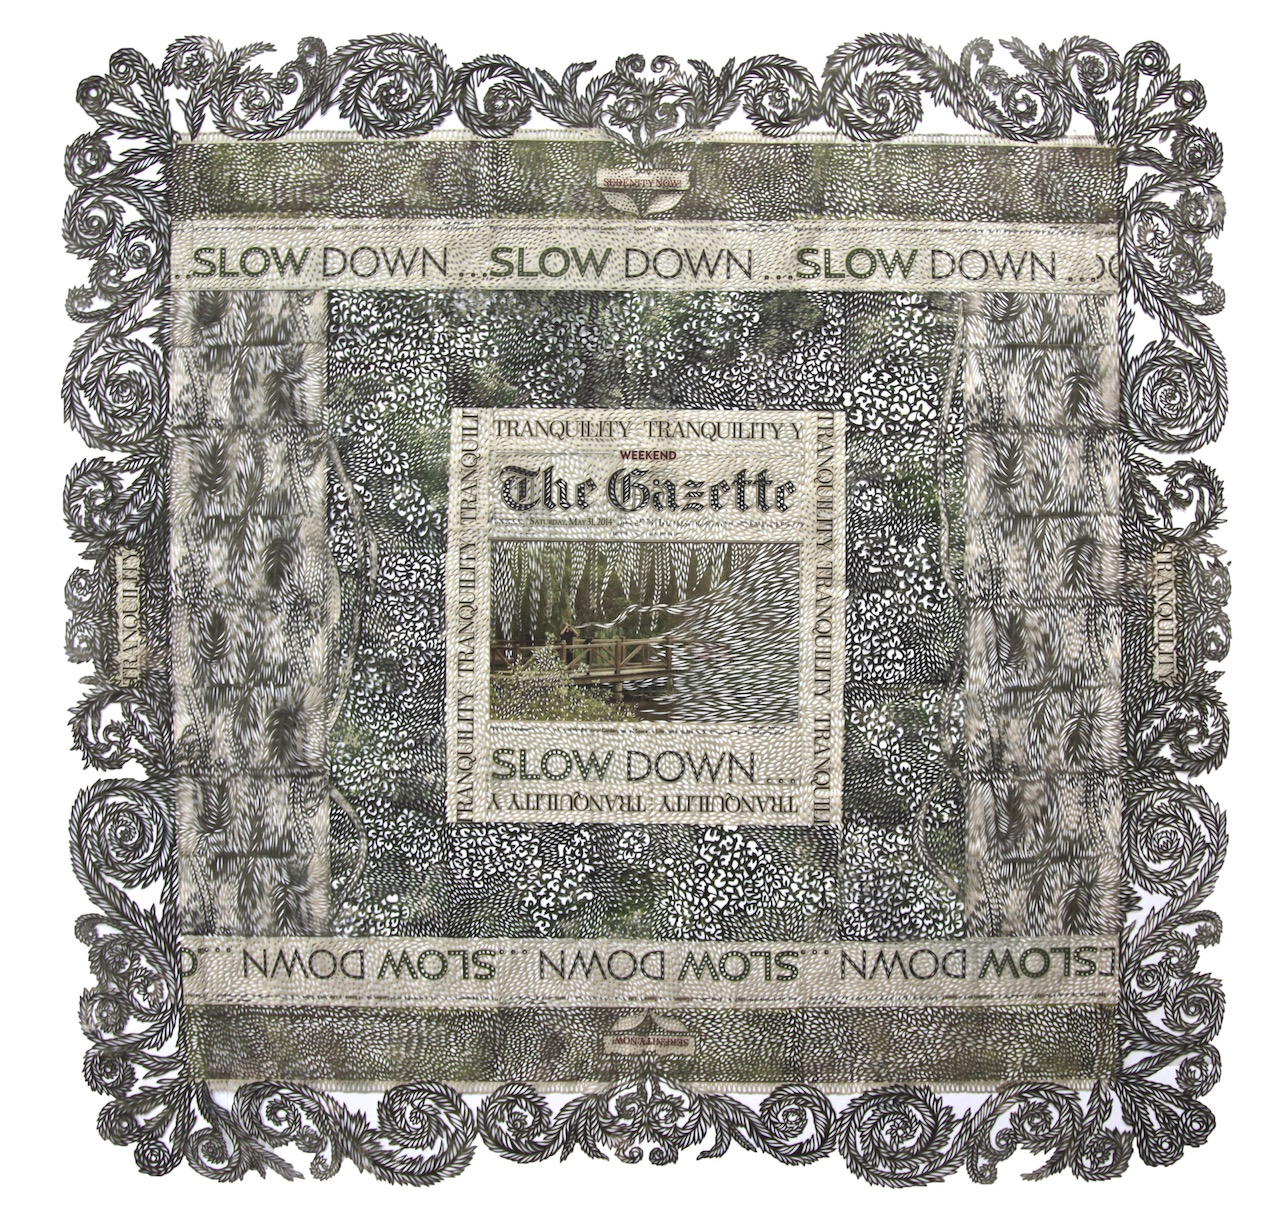 Saturday, May 31, Slow Down